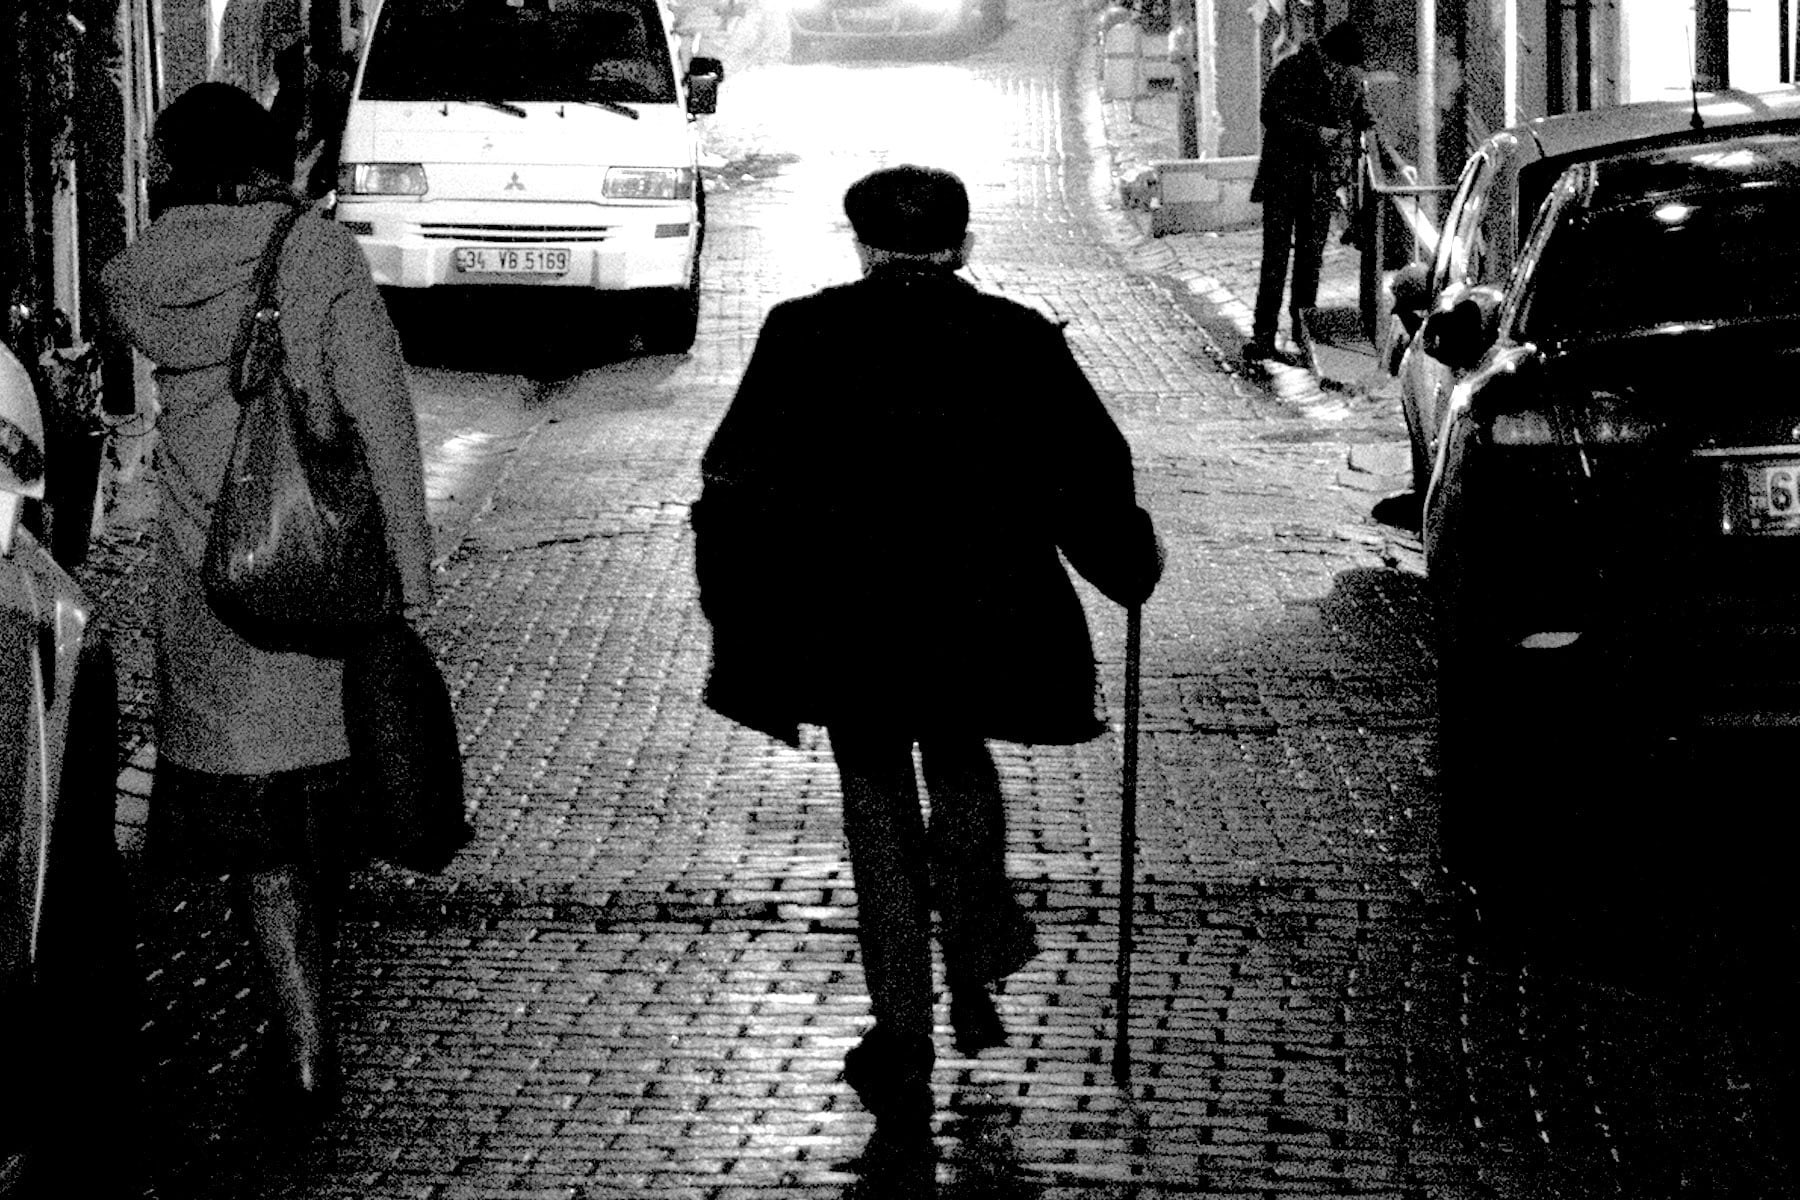 Oruç Güvenç Beyoğlu'nda bir sokakta. İstanbul, 2014.